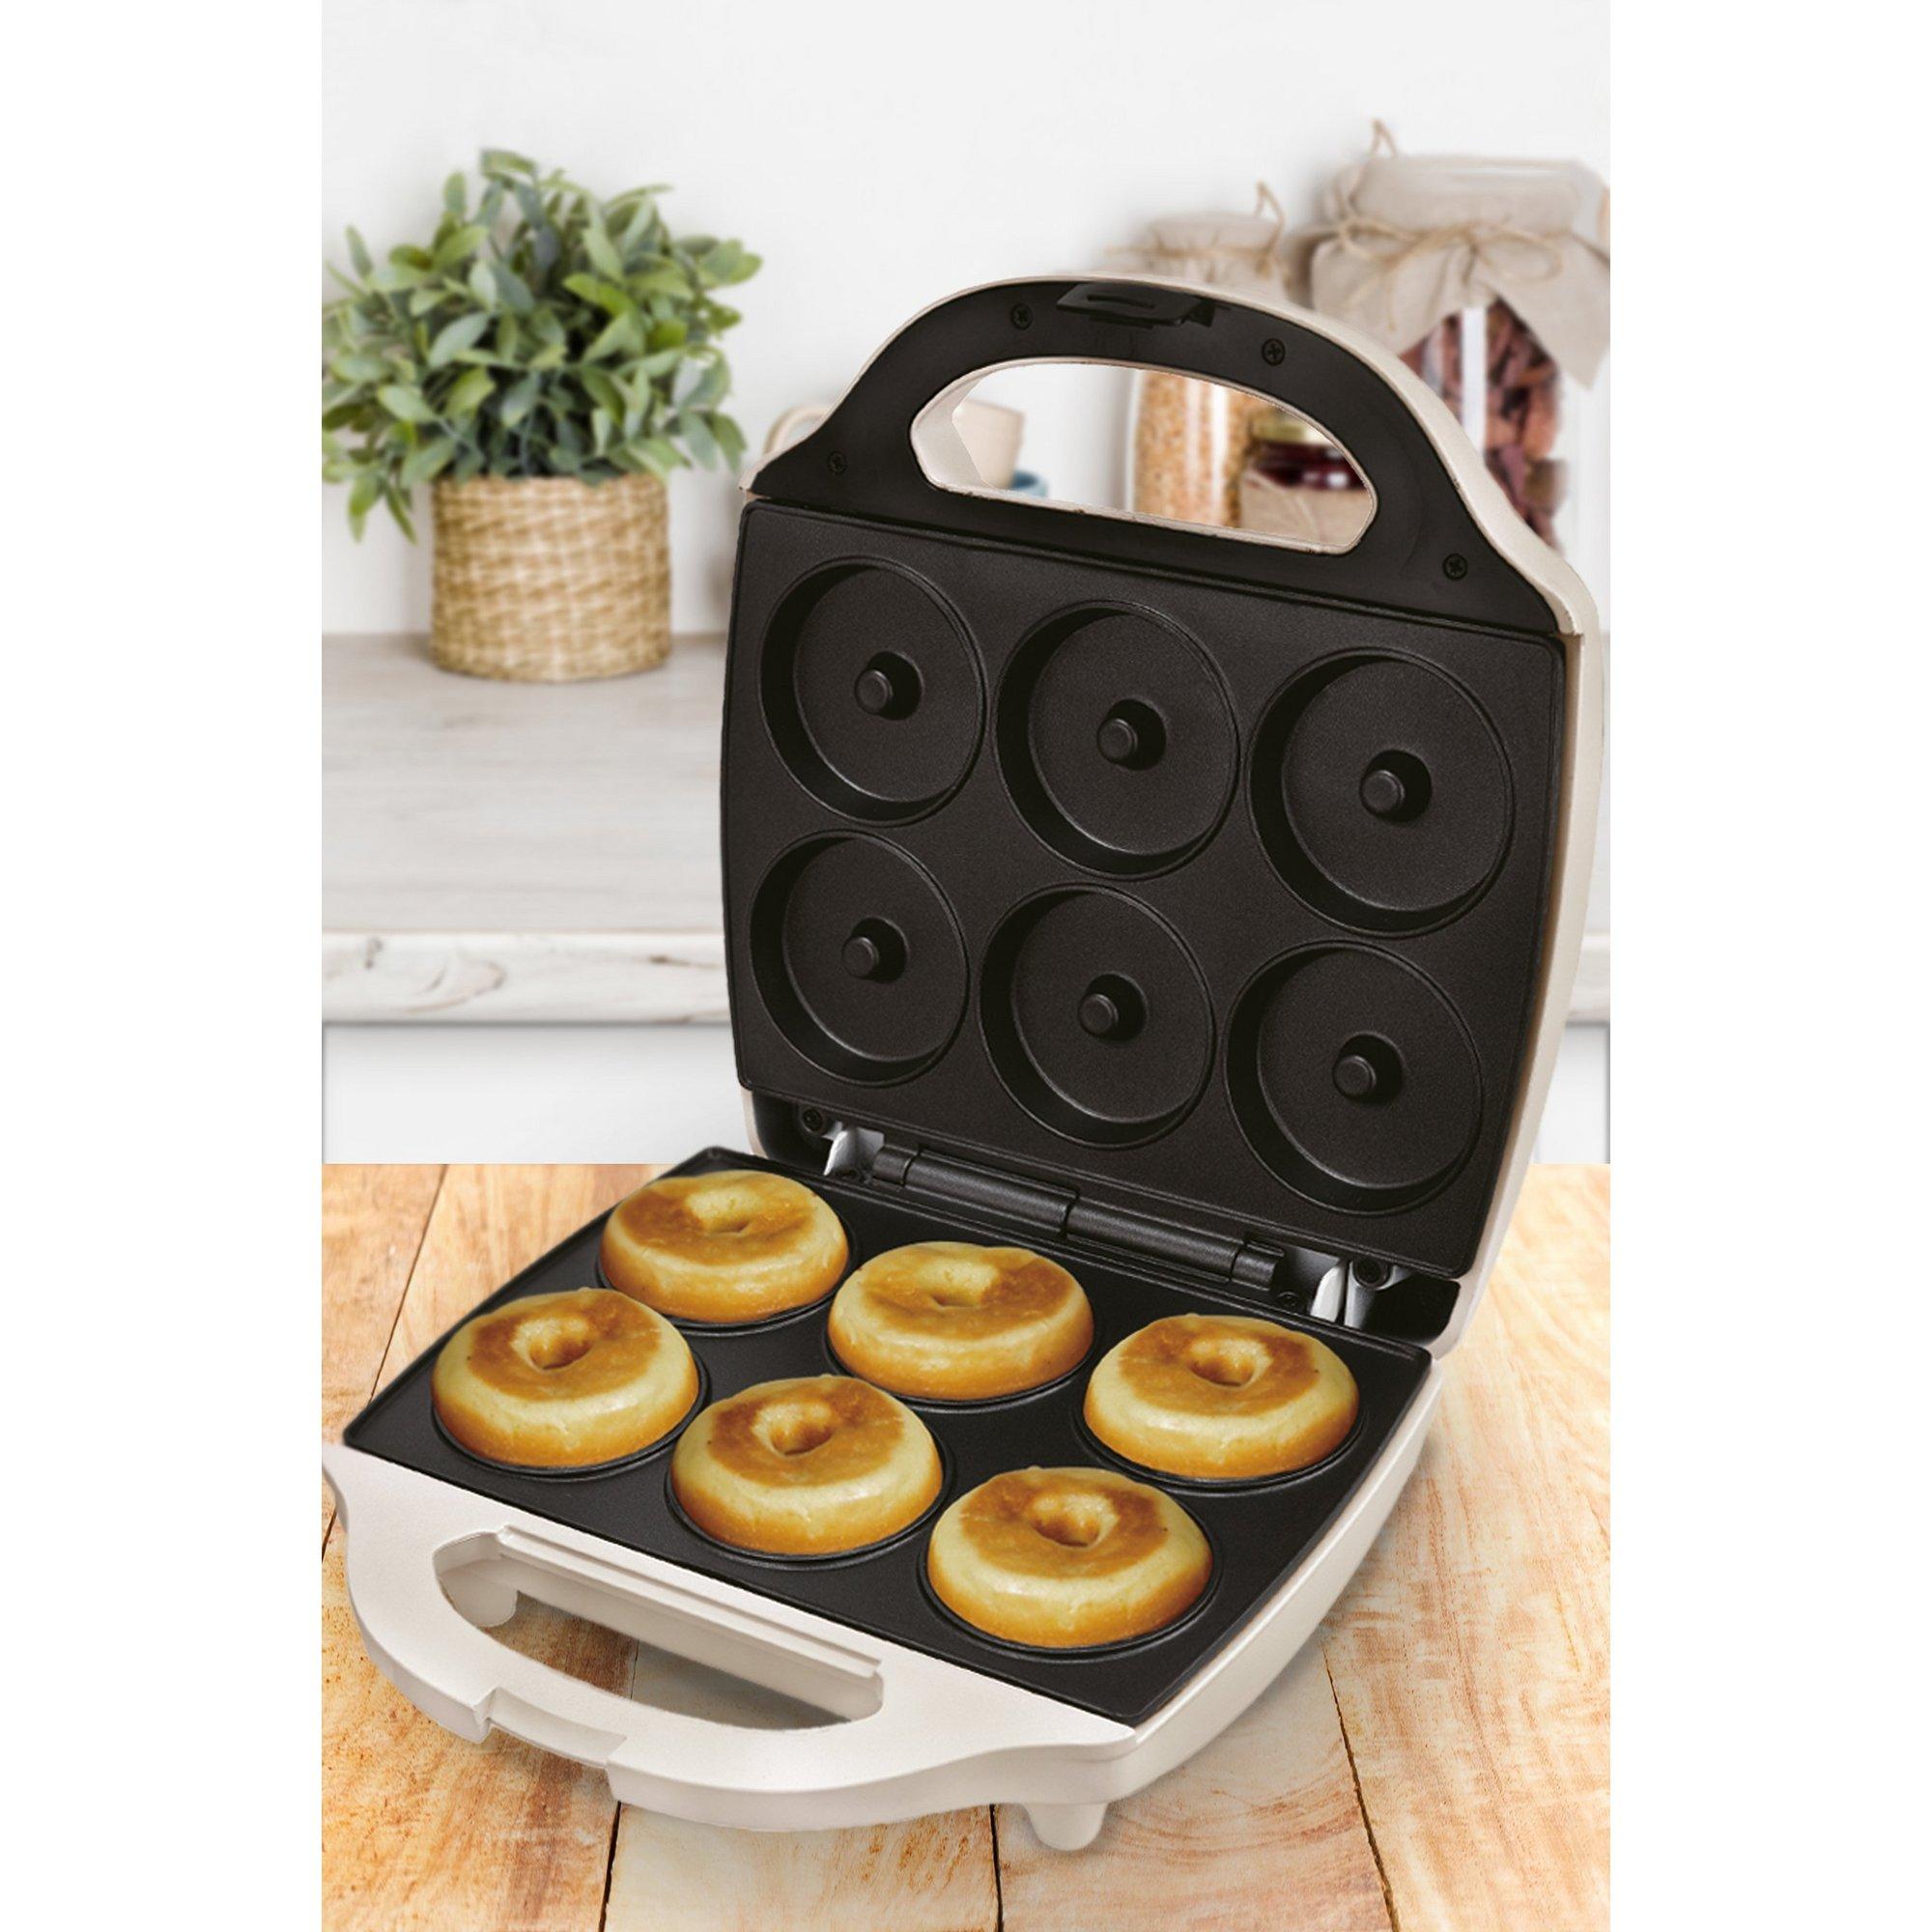 Image of Bundt Cake Maker